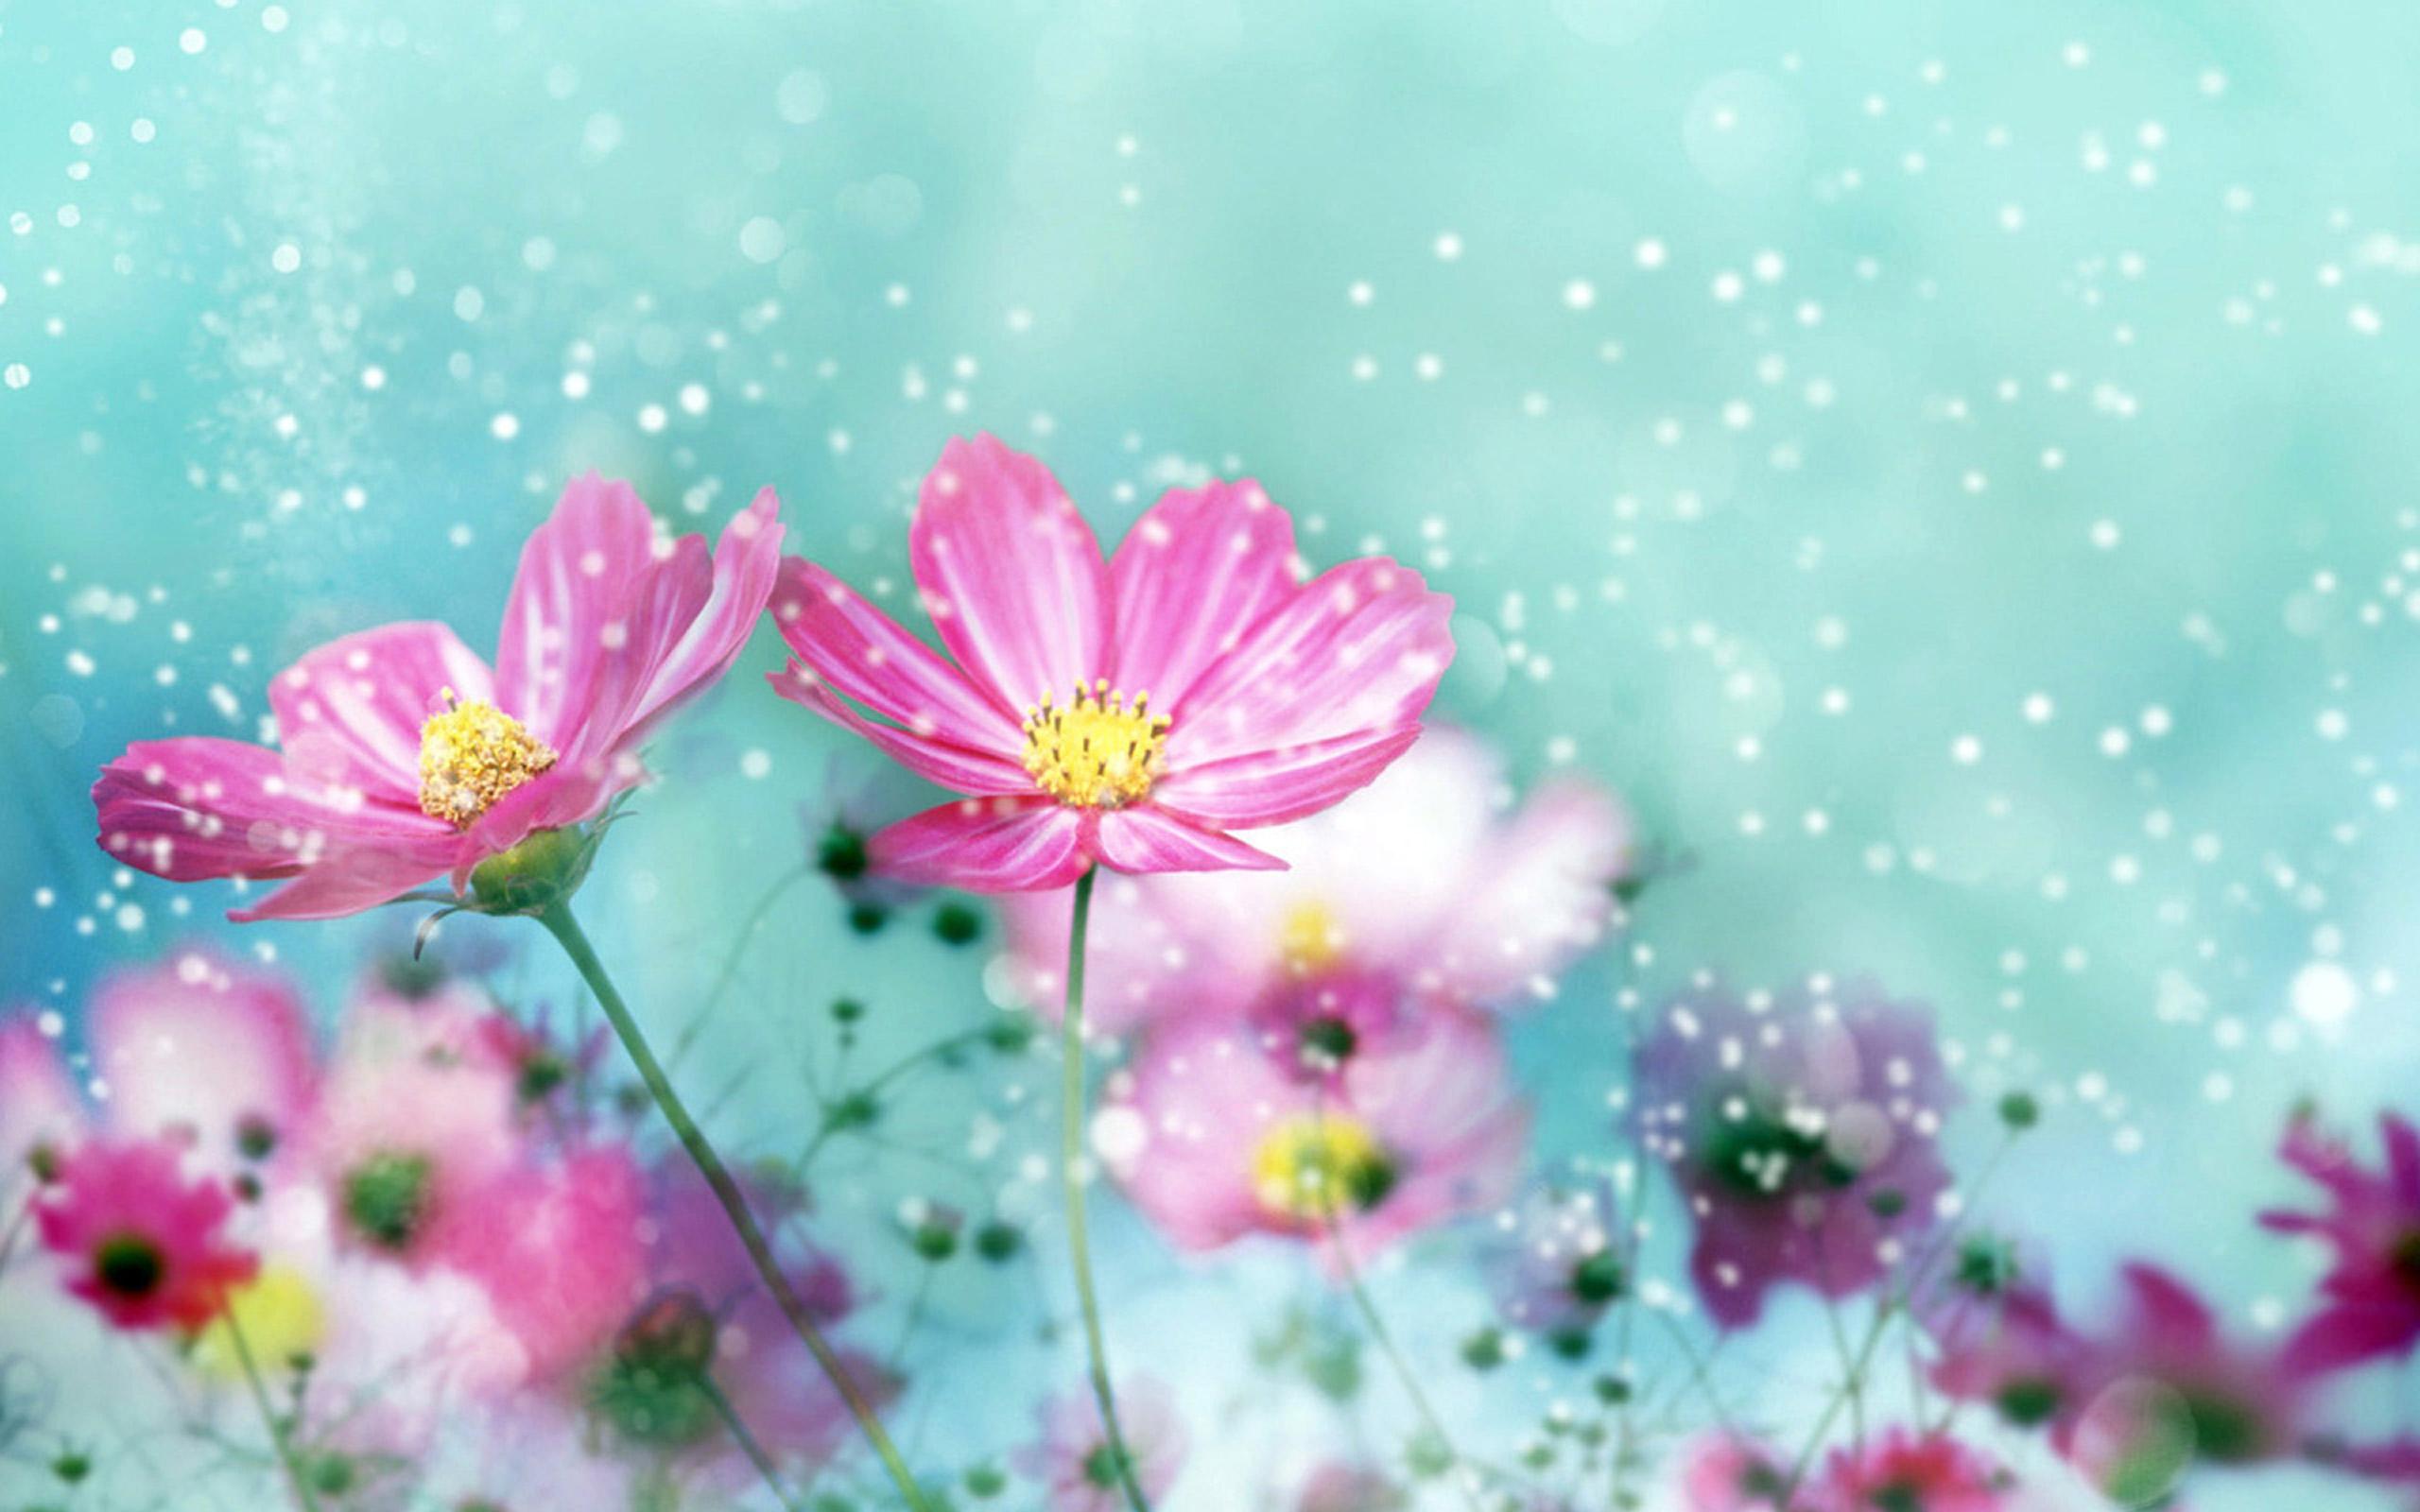 Hình nền những bông hoa cute đẹp nhất